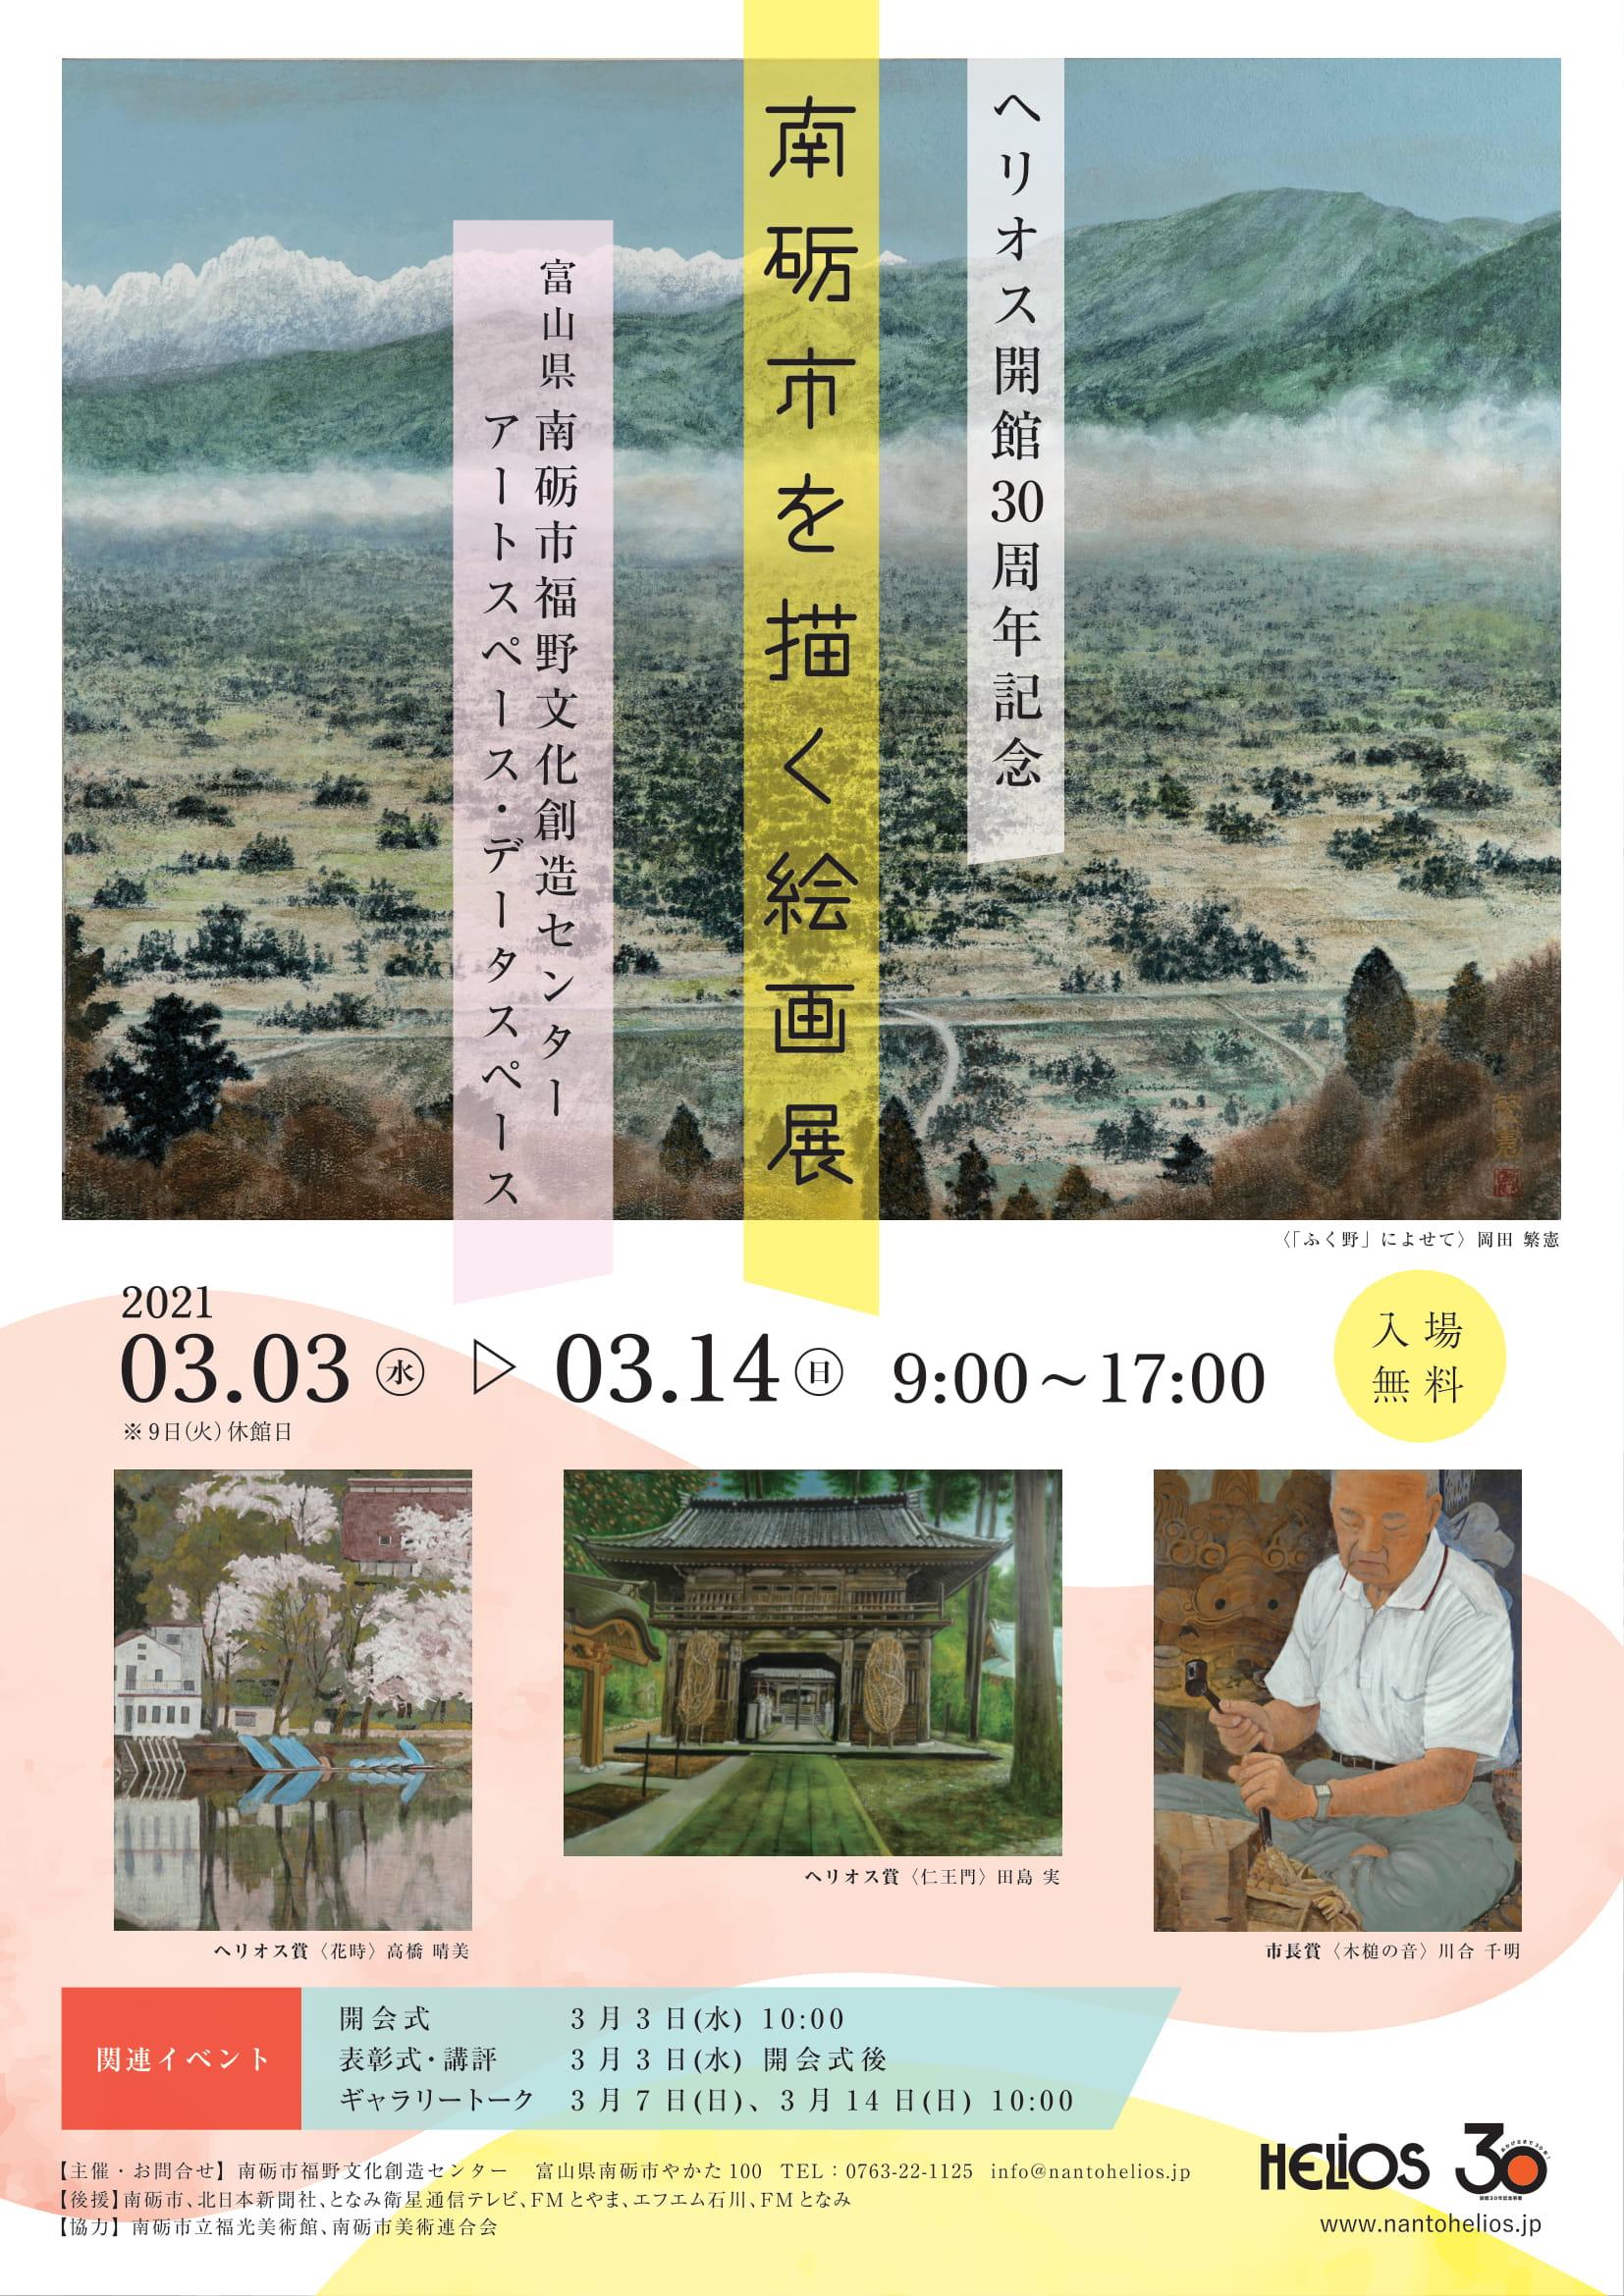 【展覧会】ヘリオス開館30周年記念南砺市を描く絵画展の画像